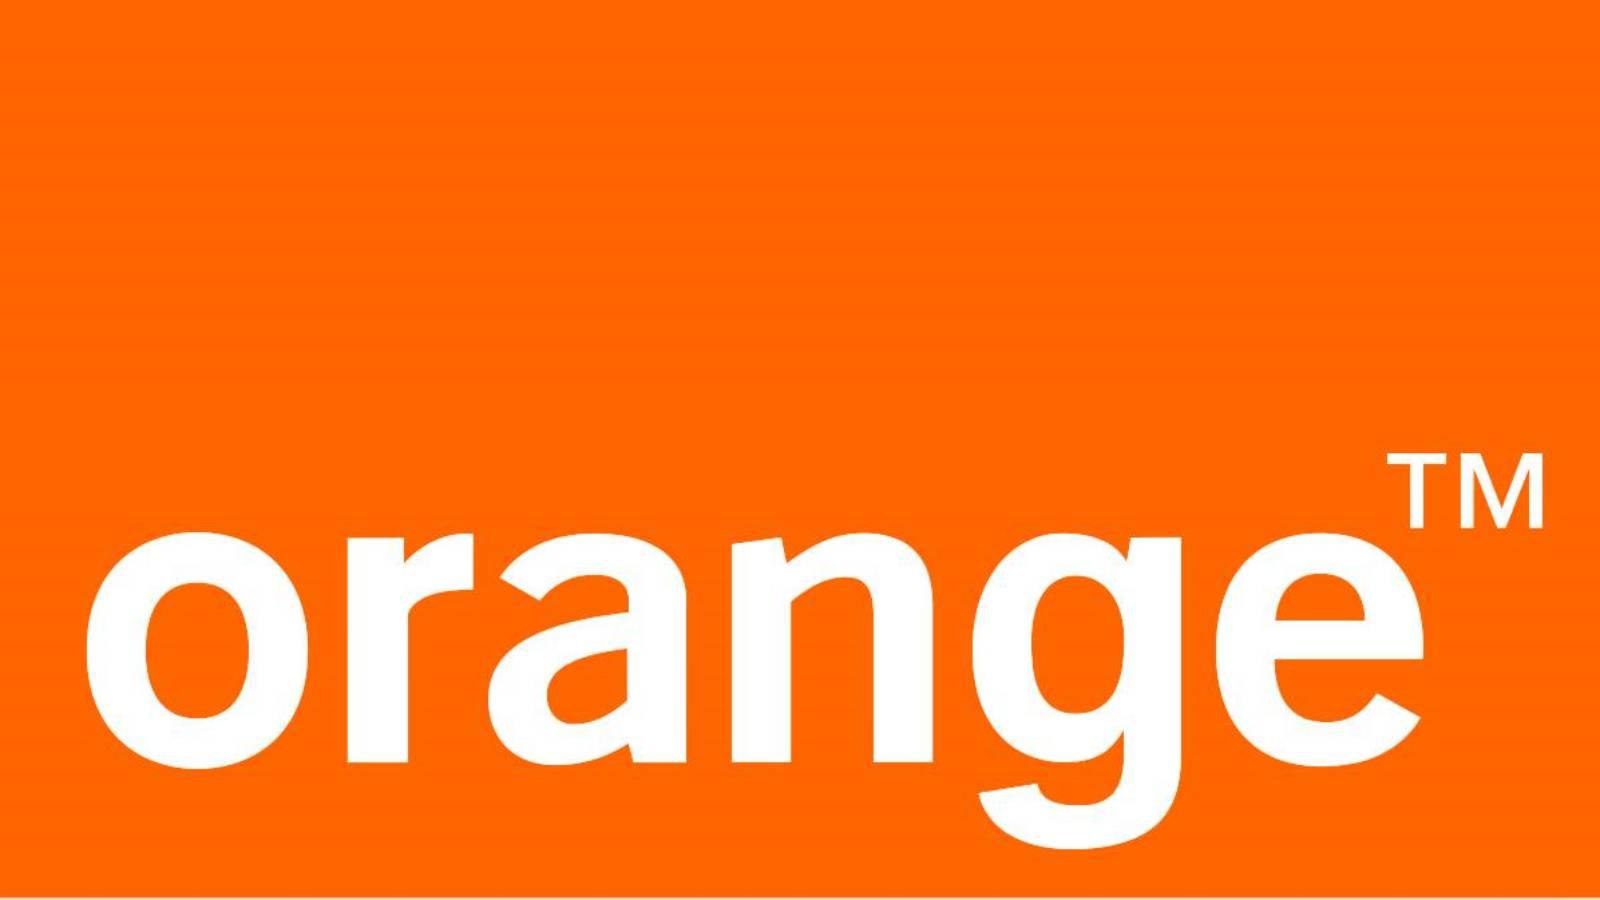 Orange soundbar